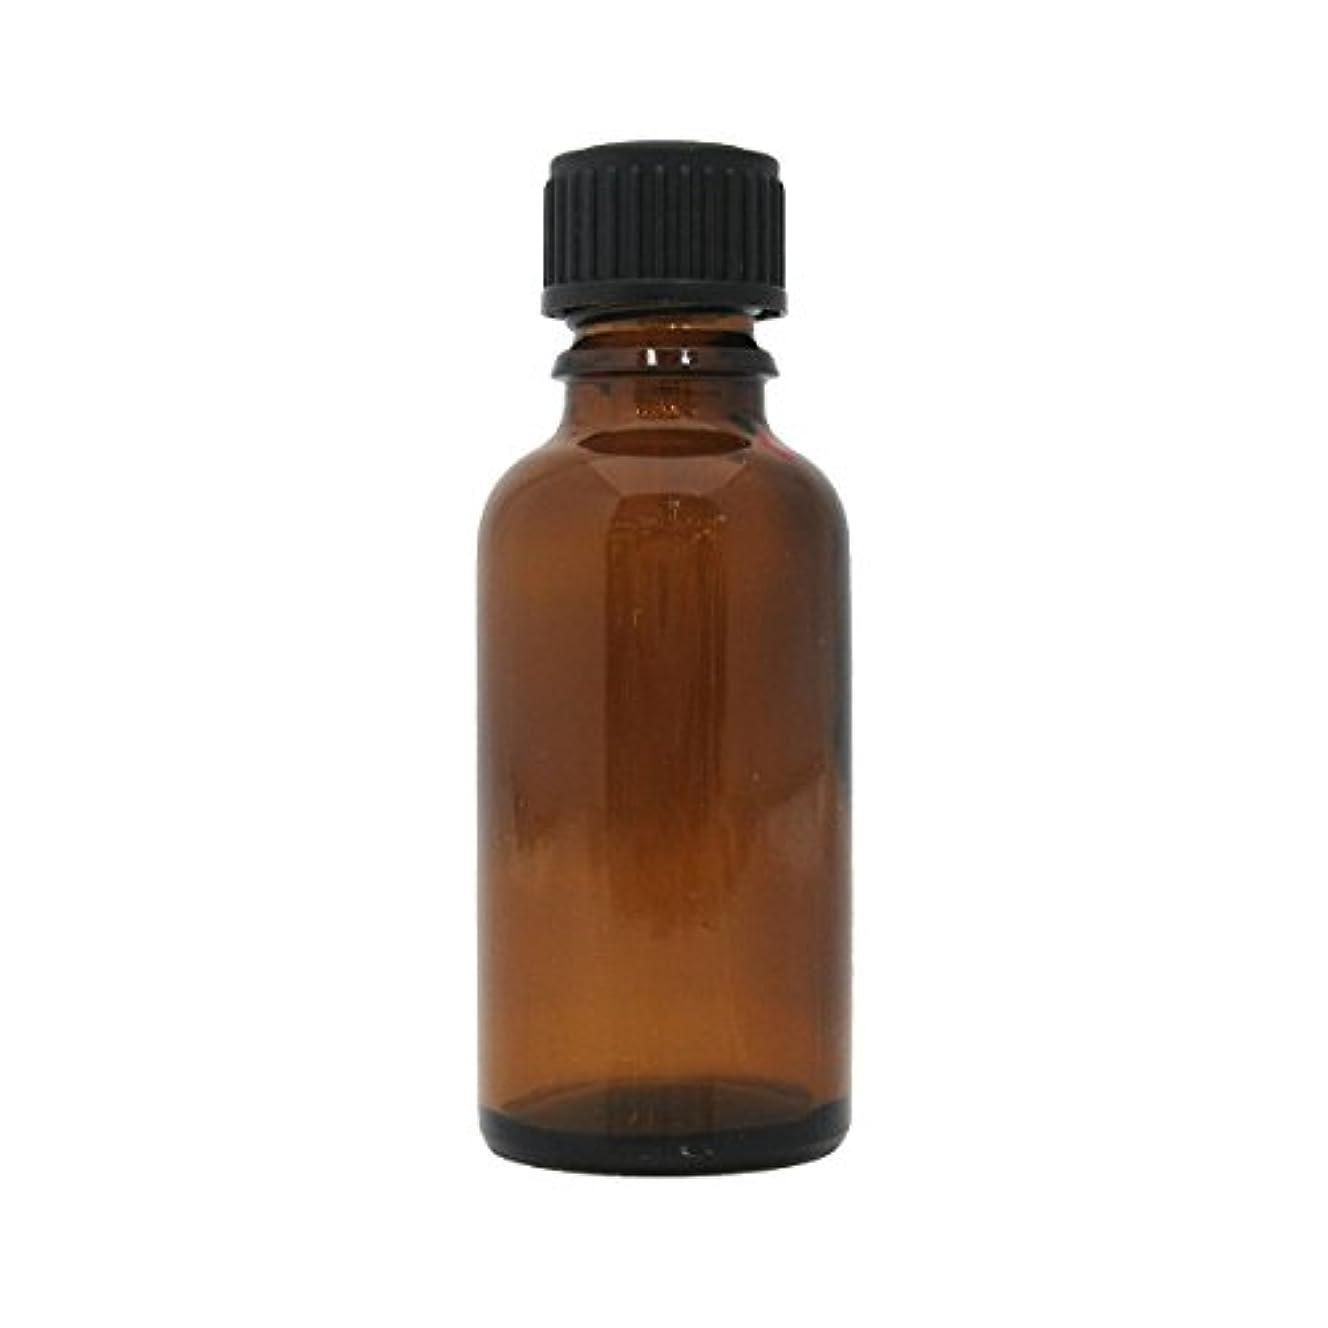 摂動見習い容器茶色遮光瓶 30ml (ドロッパー付)